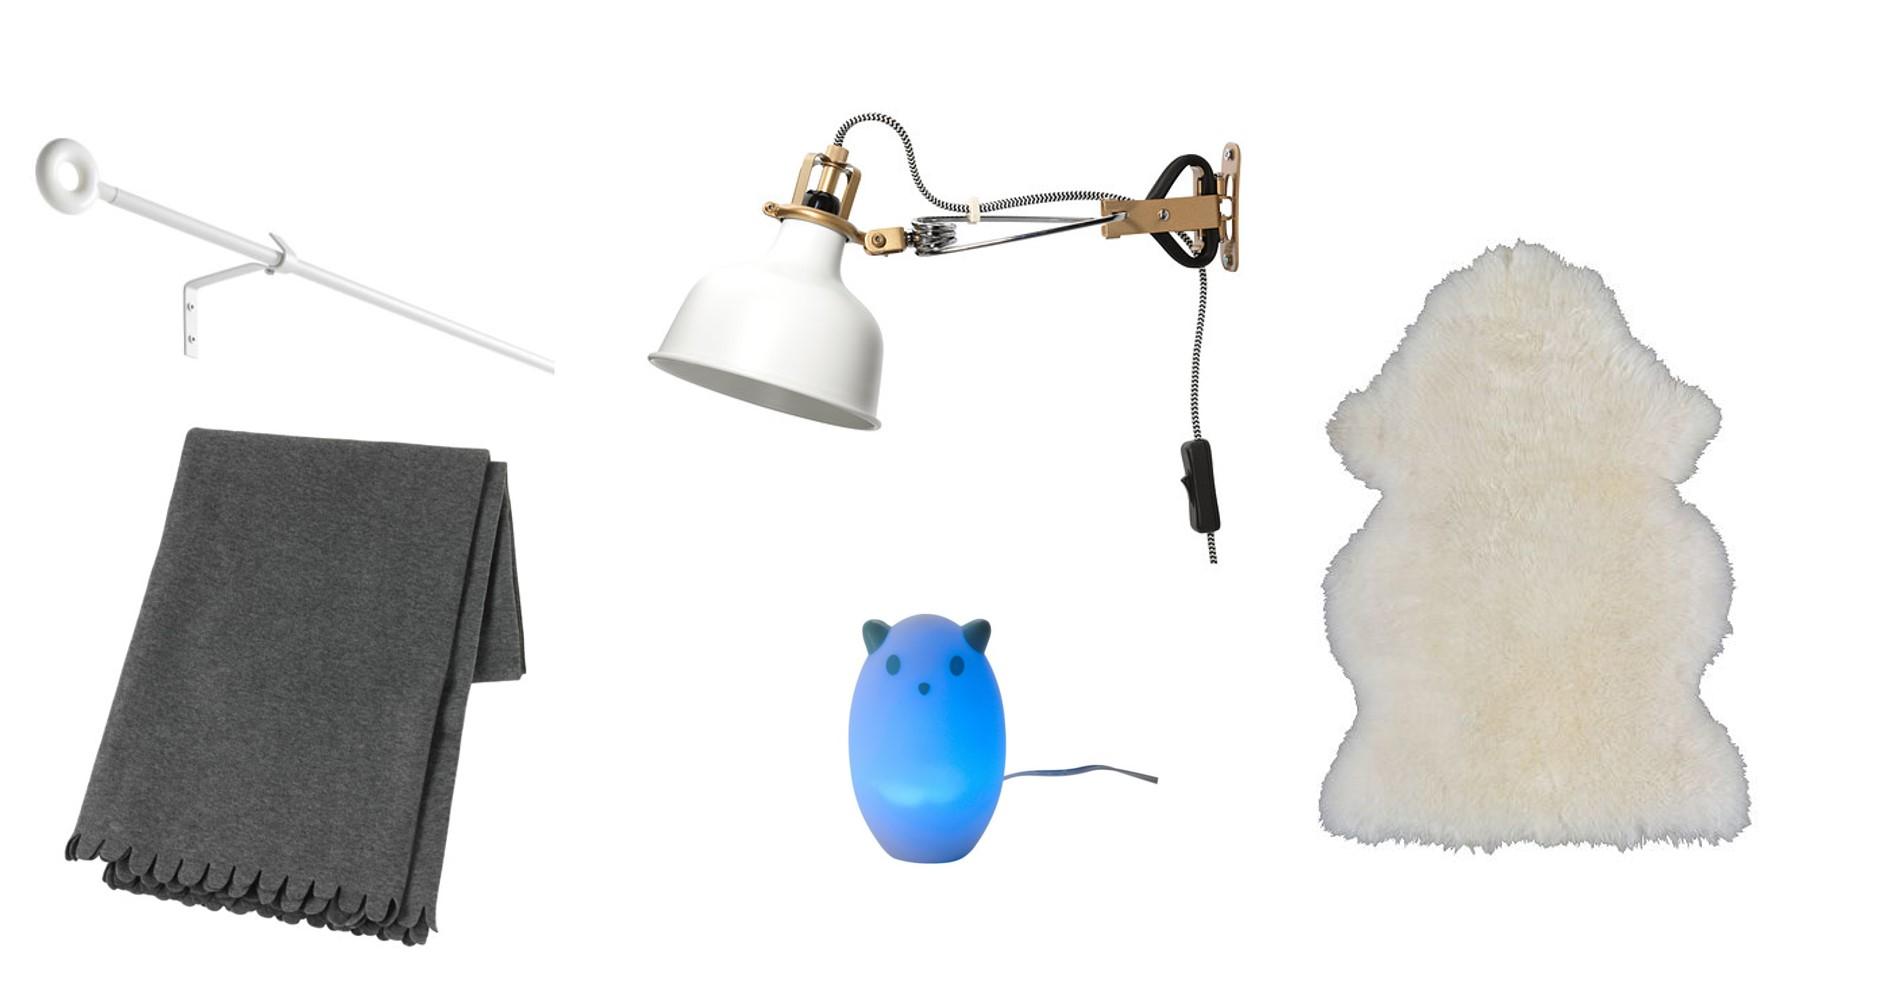 IRJA Tringle à rideaux 1,99$ | Luminaires de la collection RANARP (à partir de 29,99$) | POLARVIDE Jeté 5,99$ | Spöka Veilleuse à DEL 17,99$ | RENS Peau de mouton 39,99$ (ou version de luxe SKOLD à 249$)